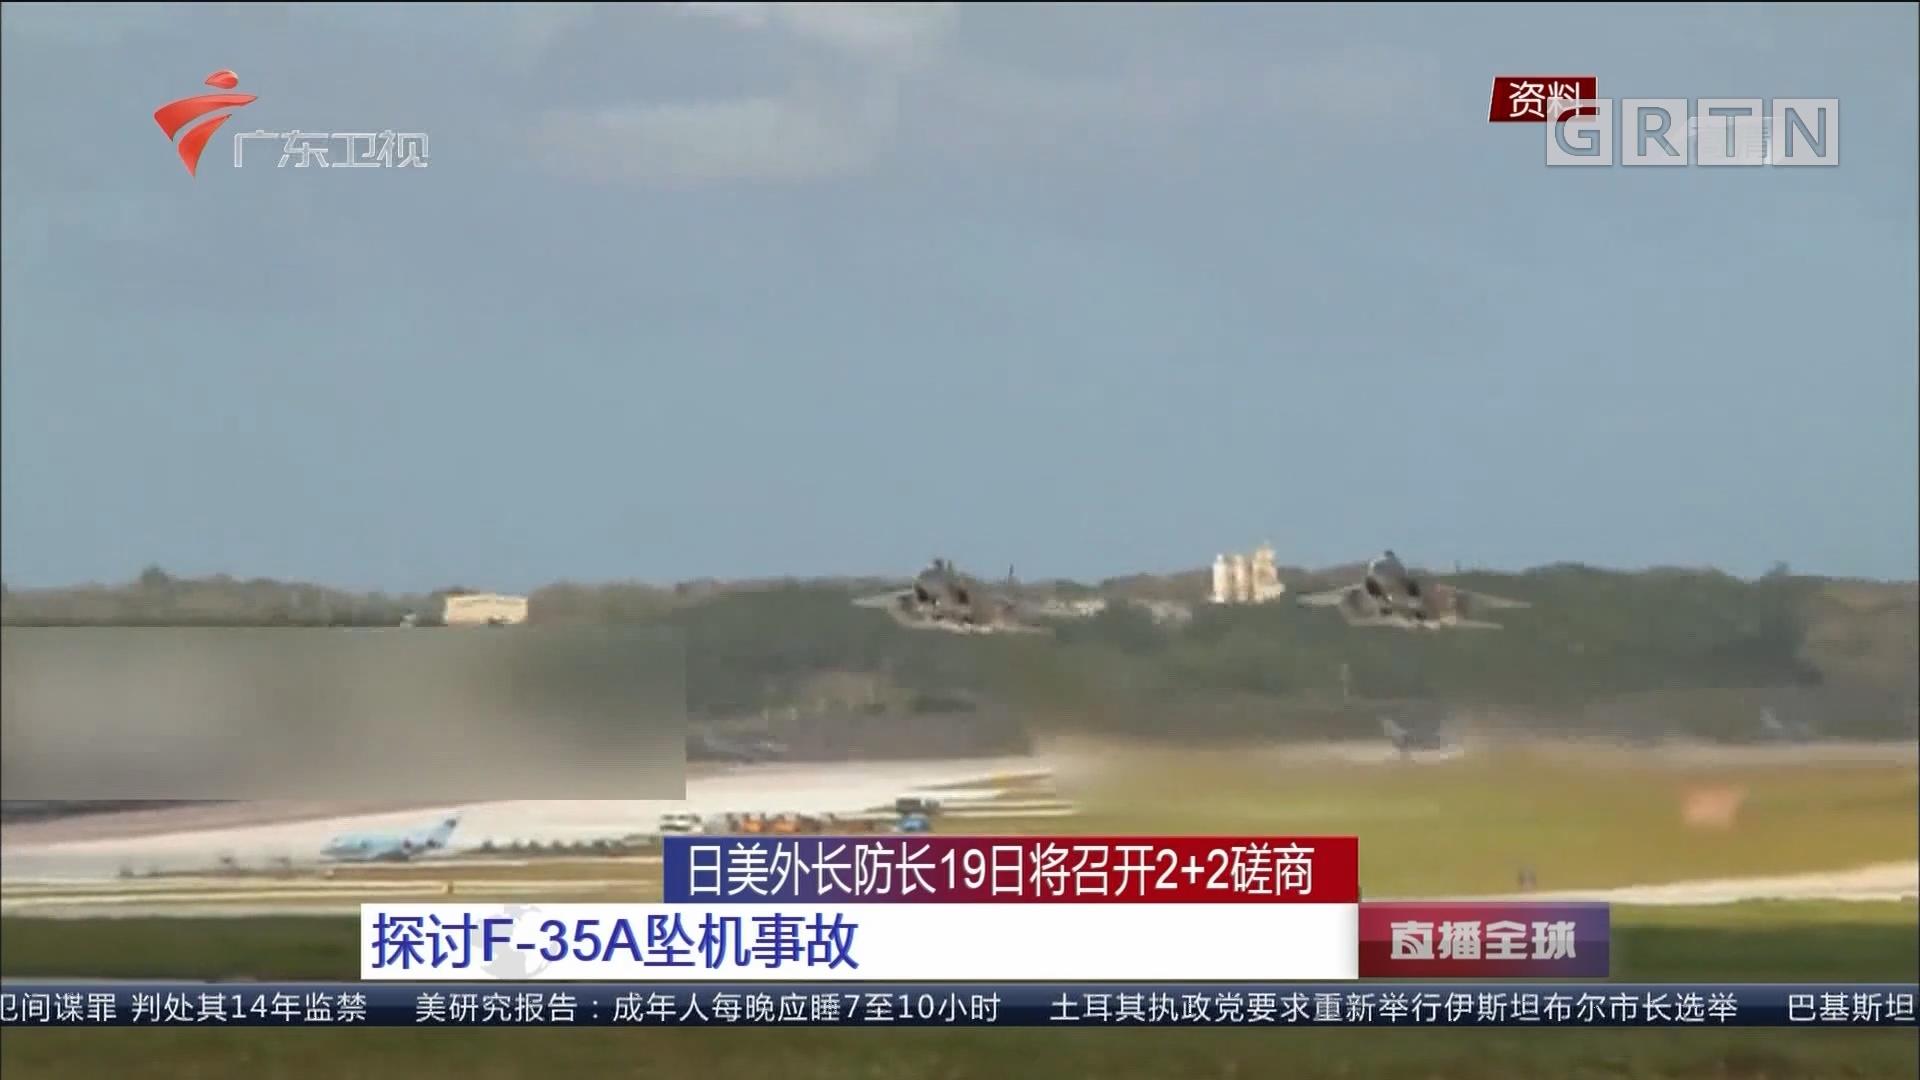 日美外长防长19日将召开2+2磋商:探讨F-35A坠机事故